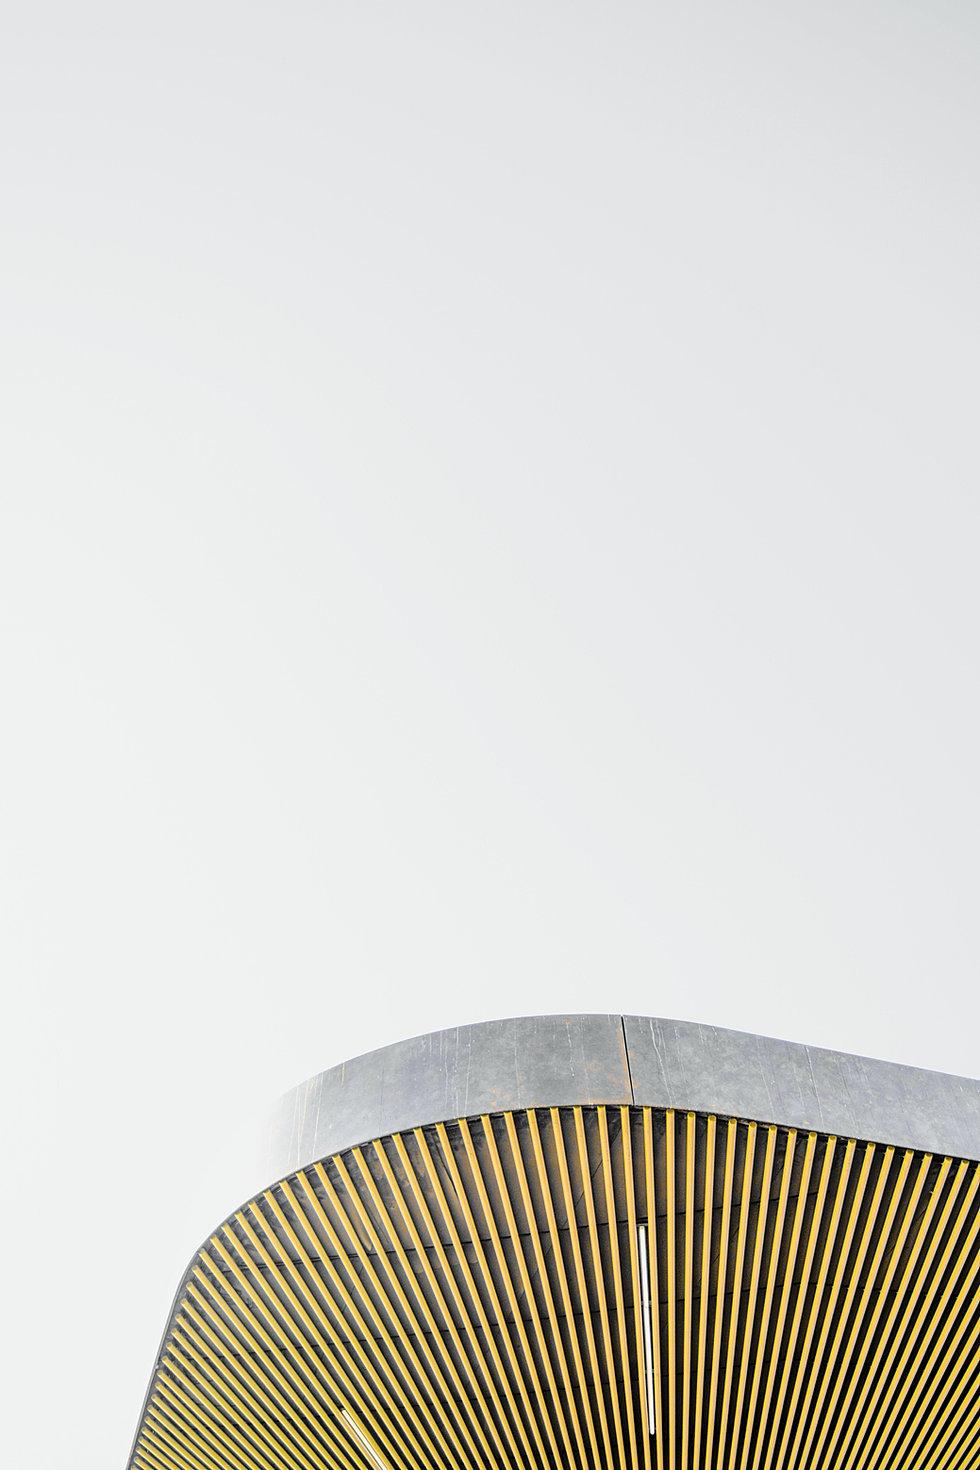 Ziemlich Landartküche Zubehör Uk Fotos - Ideen Für Die Küche ...